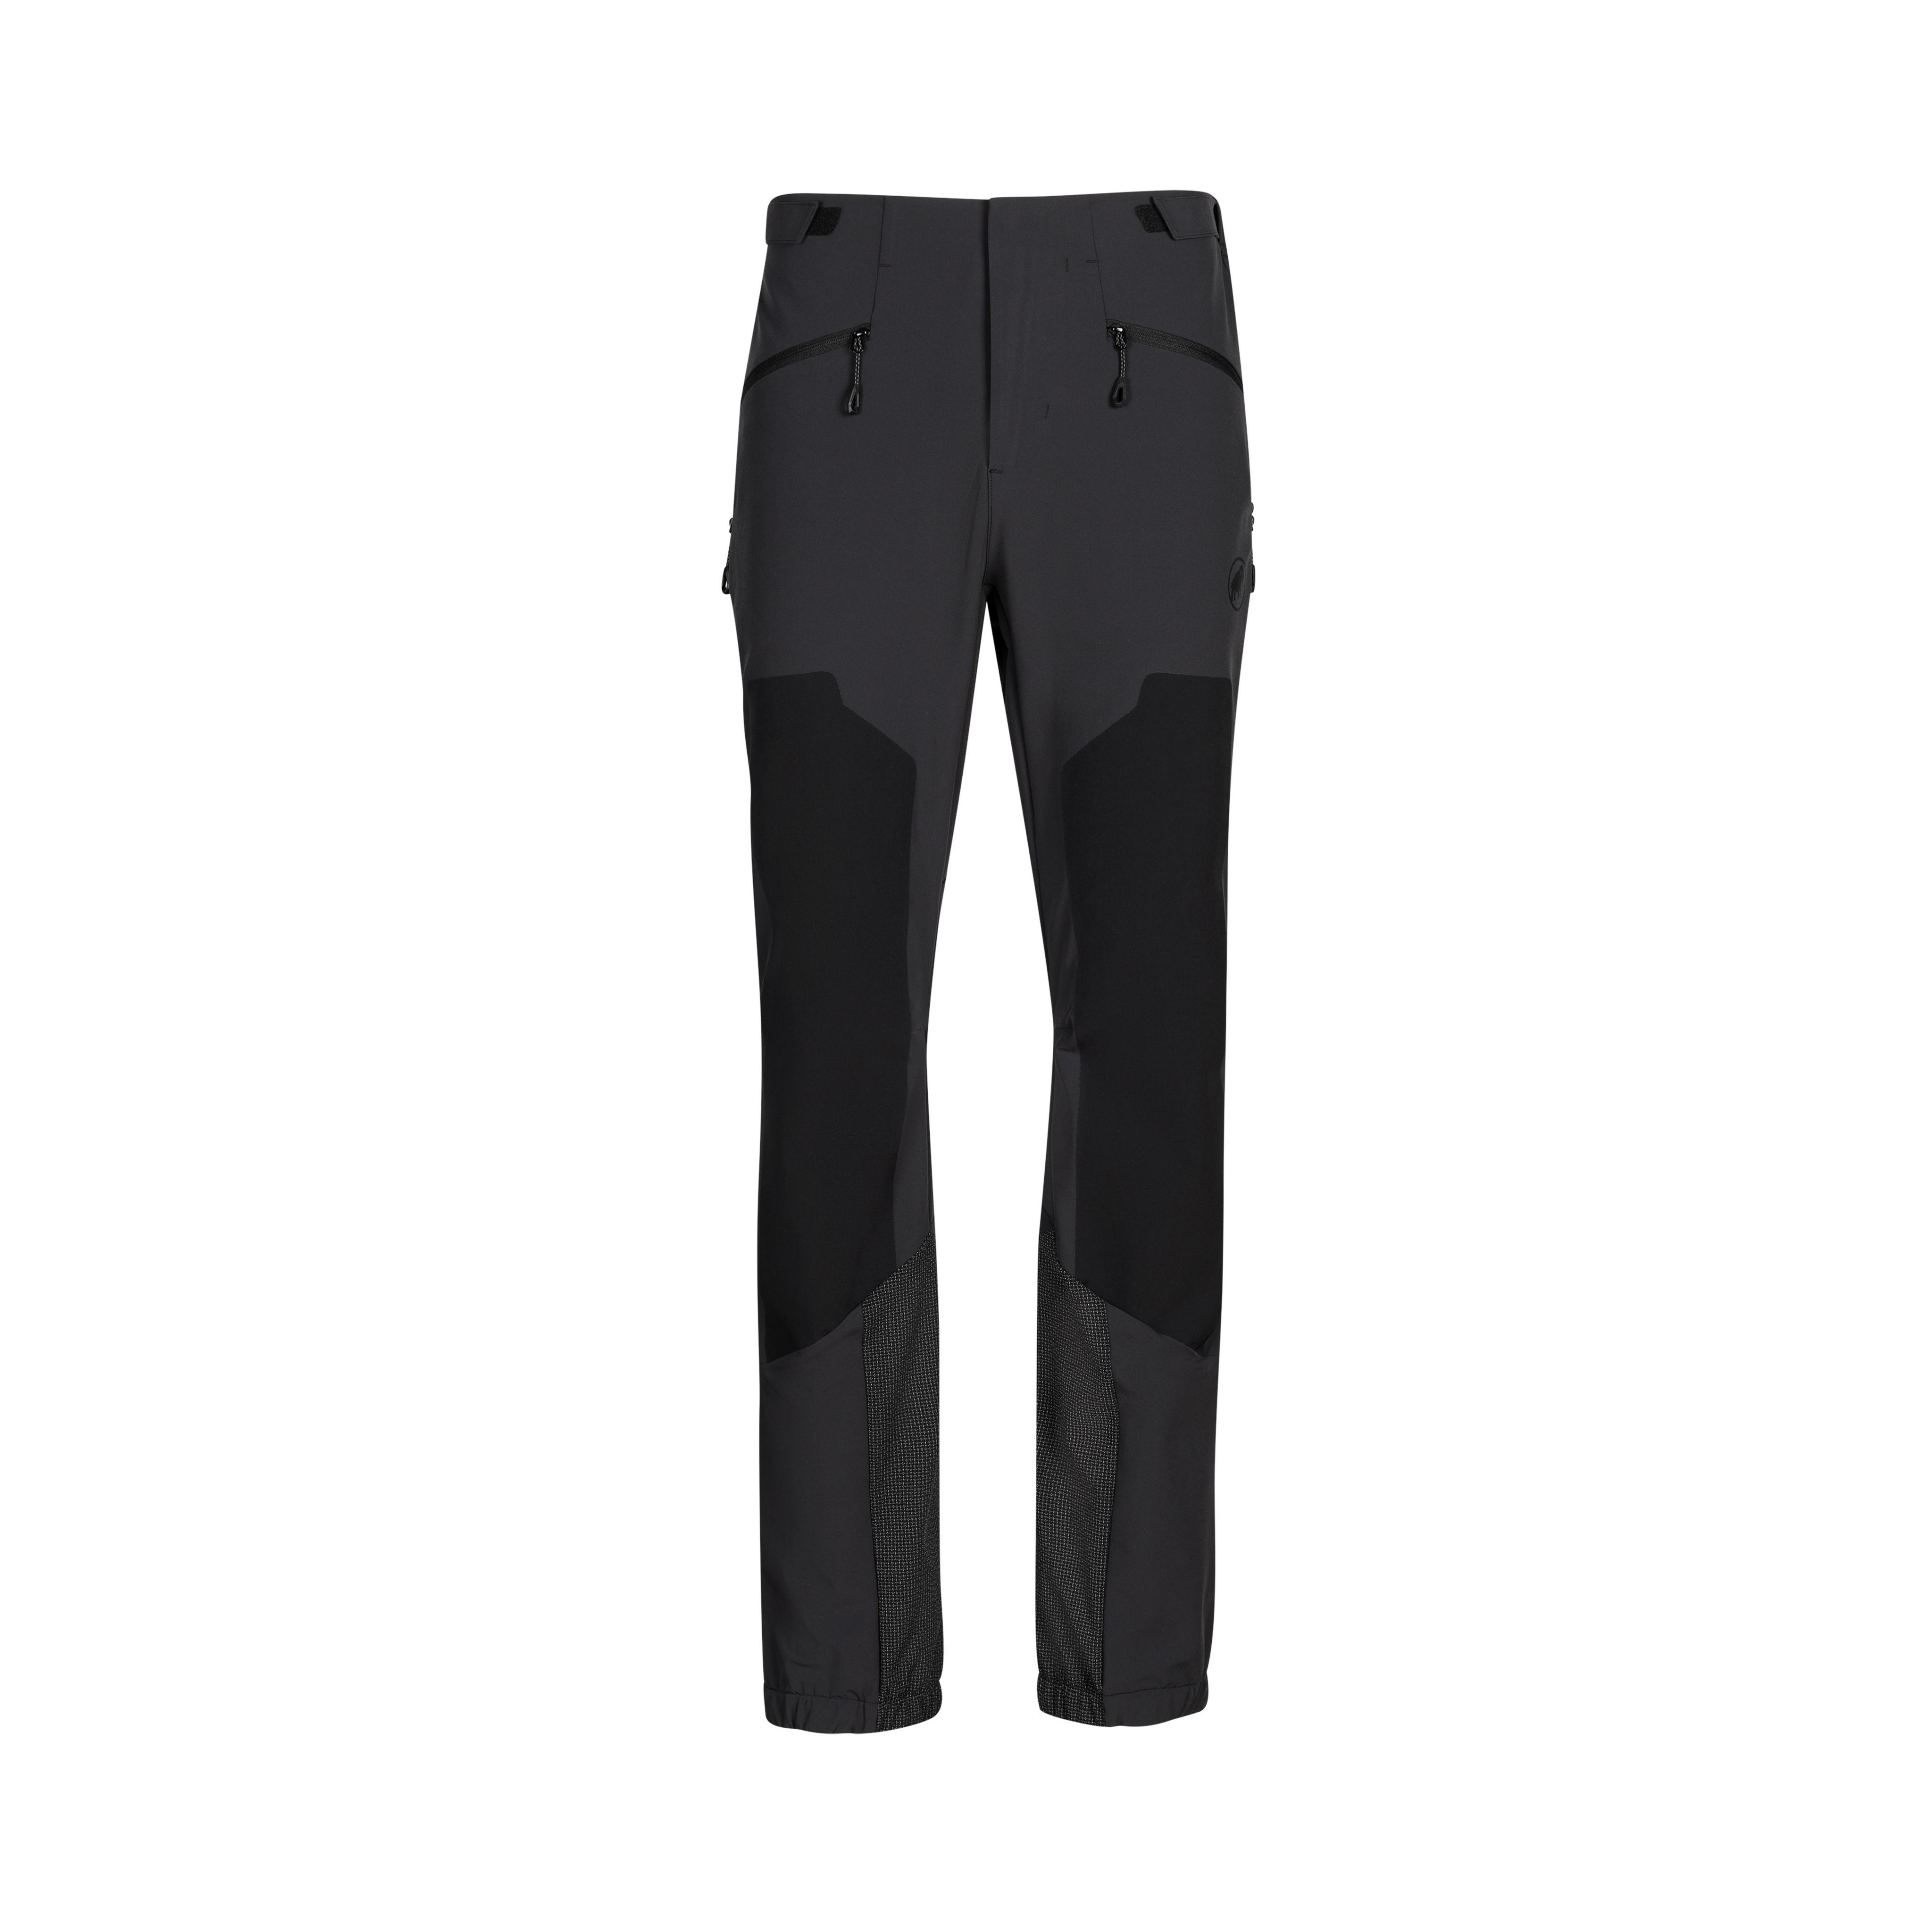 Aenergy Pro SO Pants Men - black-black, normal, UK 28 thumbnail